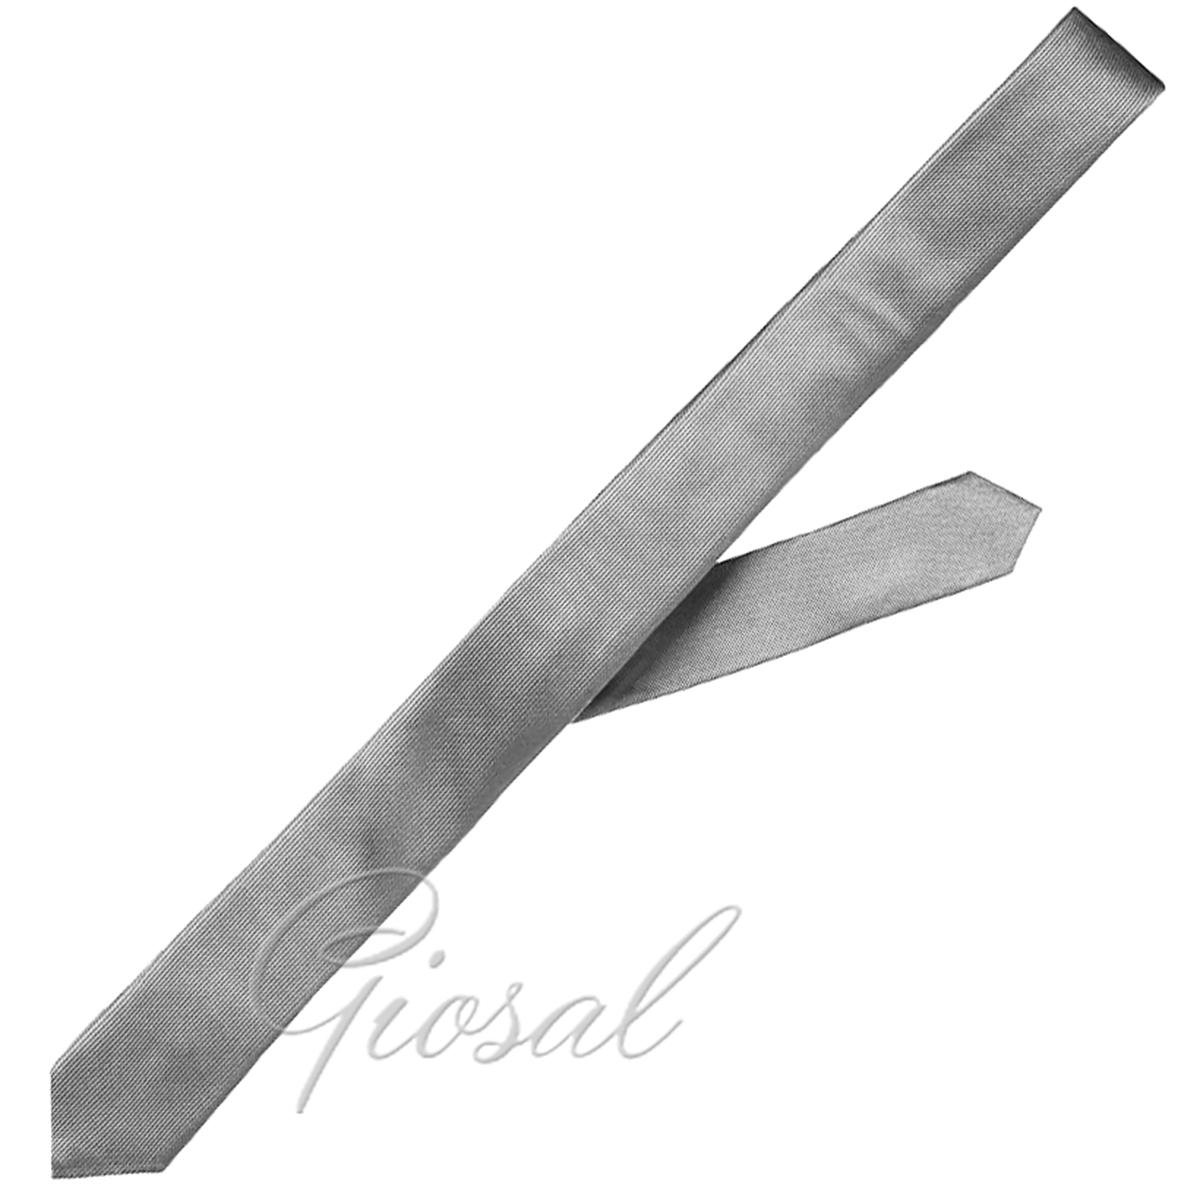 Cravattino-Uomo-Semplice-Sottile-Casual-Tinta-Unita-Vari-Colori-GIOSAL miniatura 18